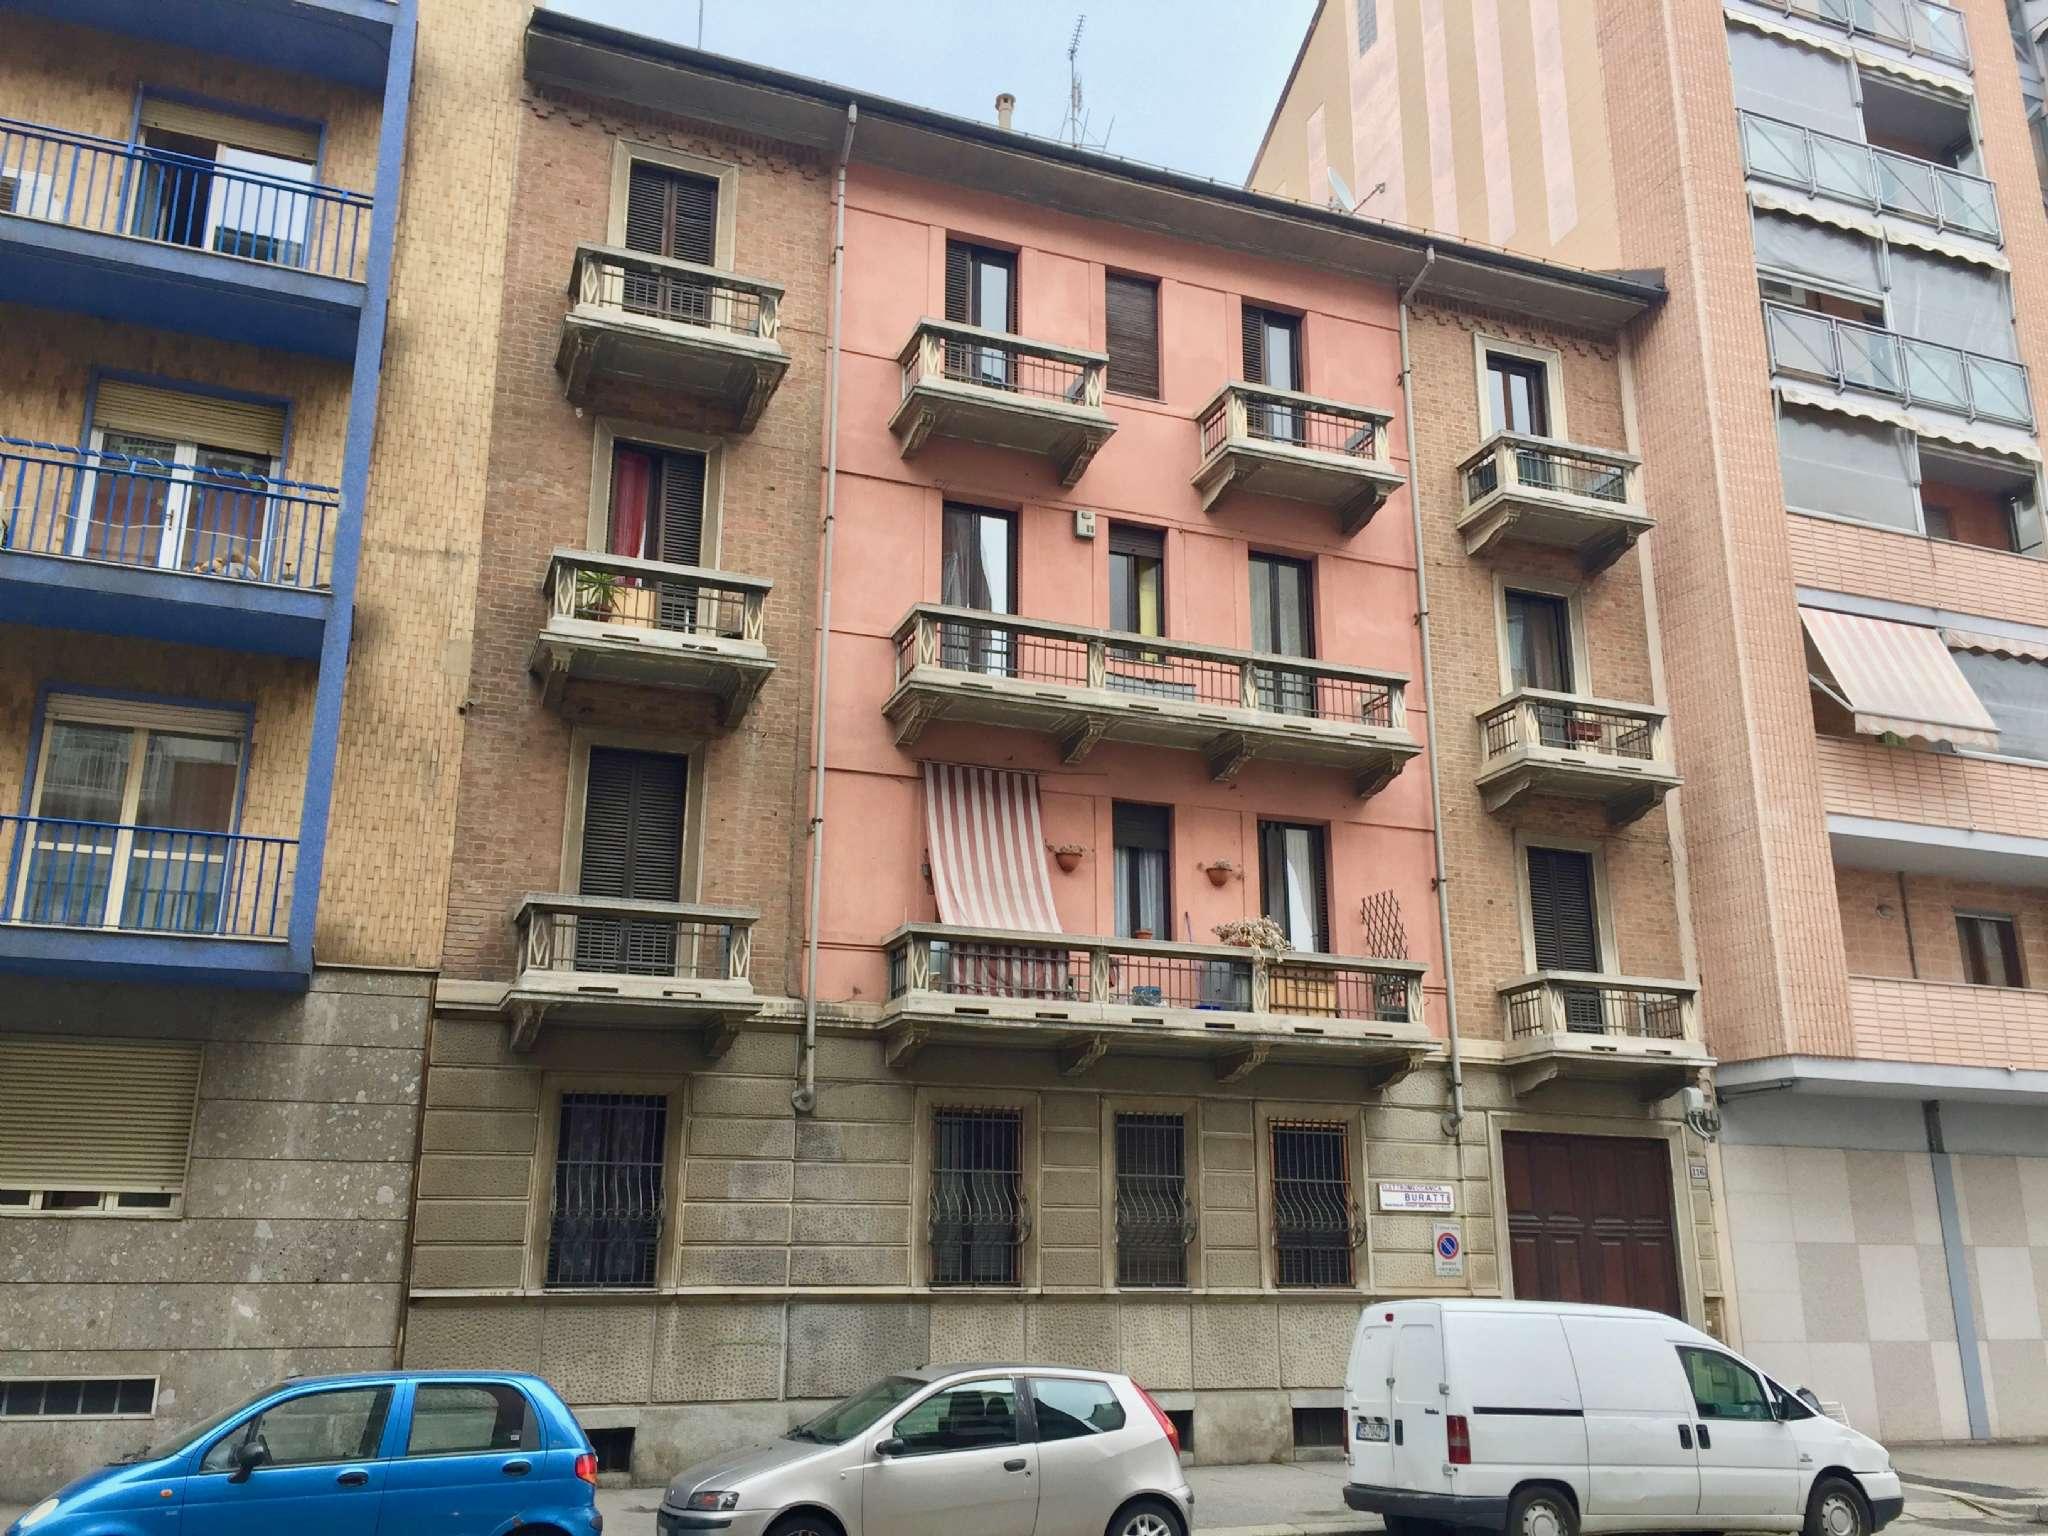 Foto 1 di Stabile - Palazzo via valdellatorre 116, Torino (zona Lucento, Vallette)